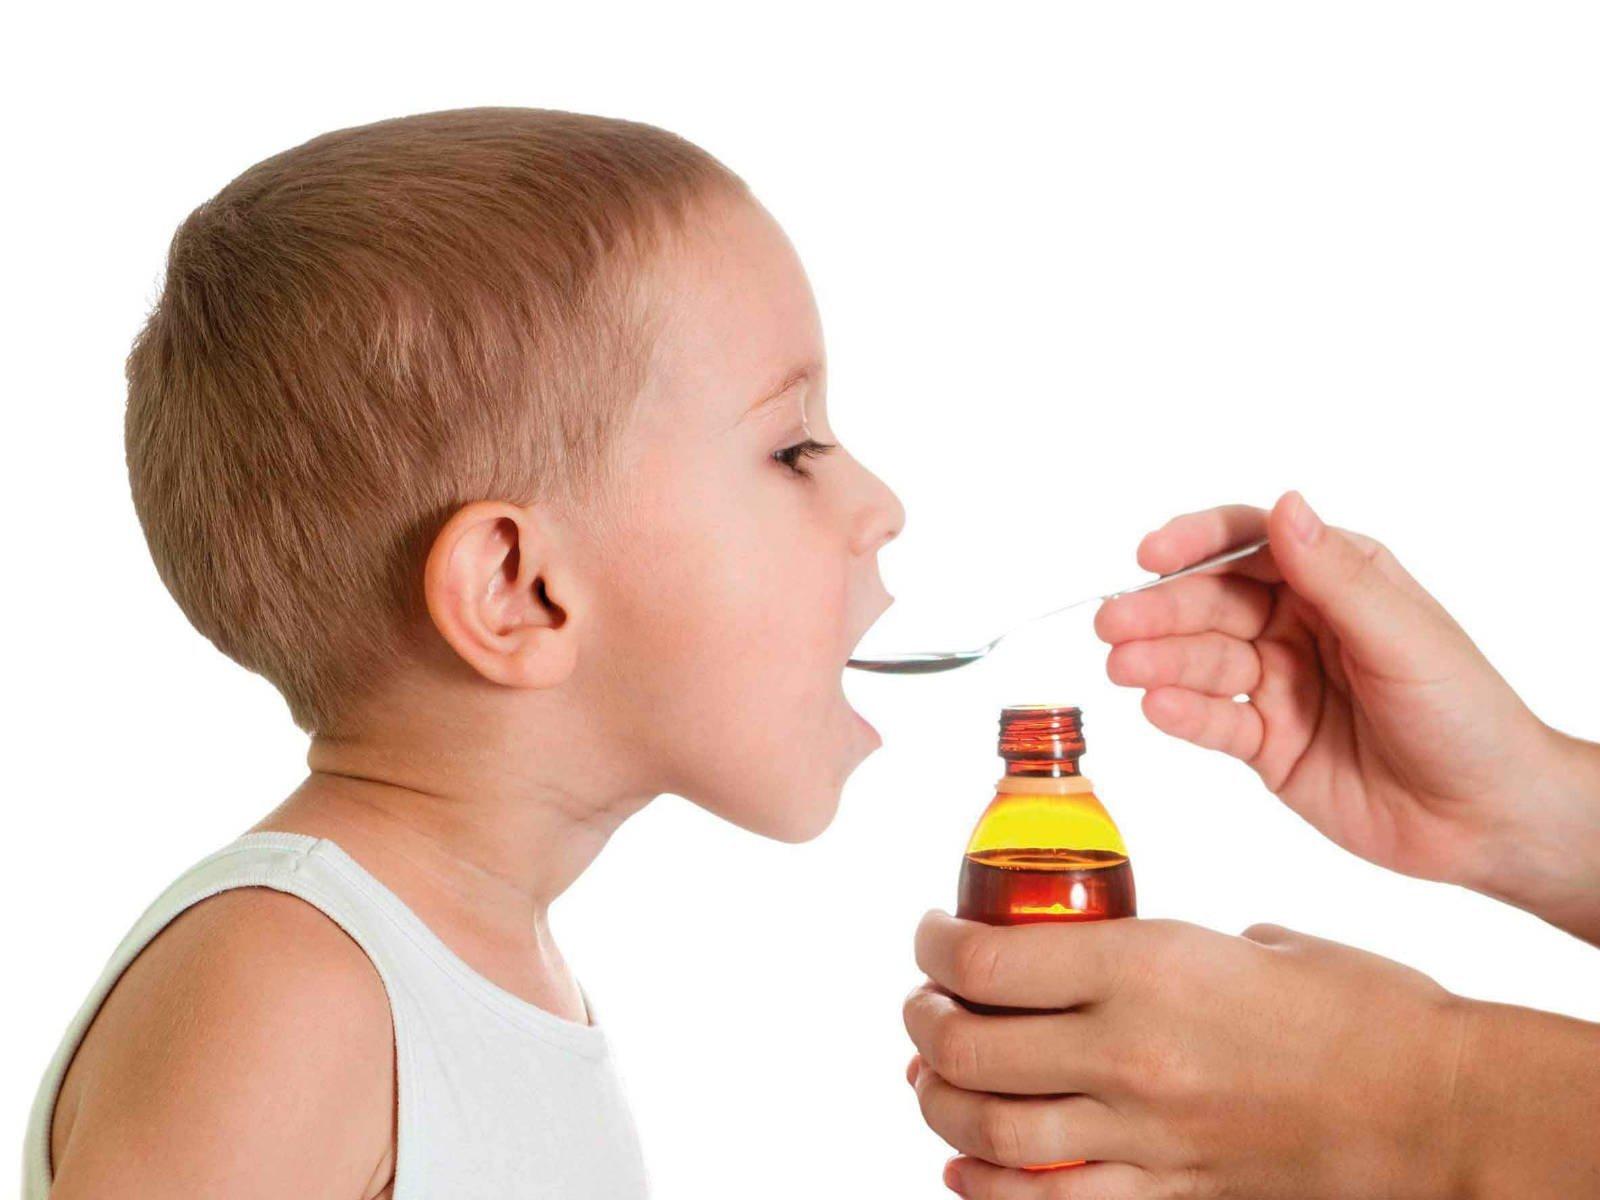 ребёнок принимает суспензию